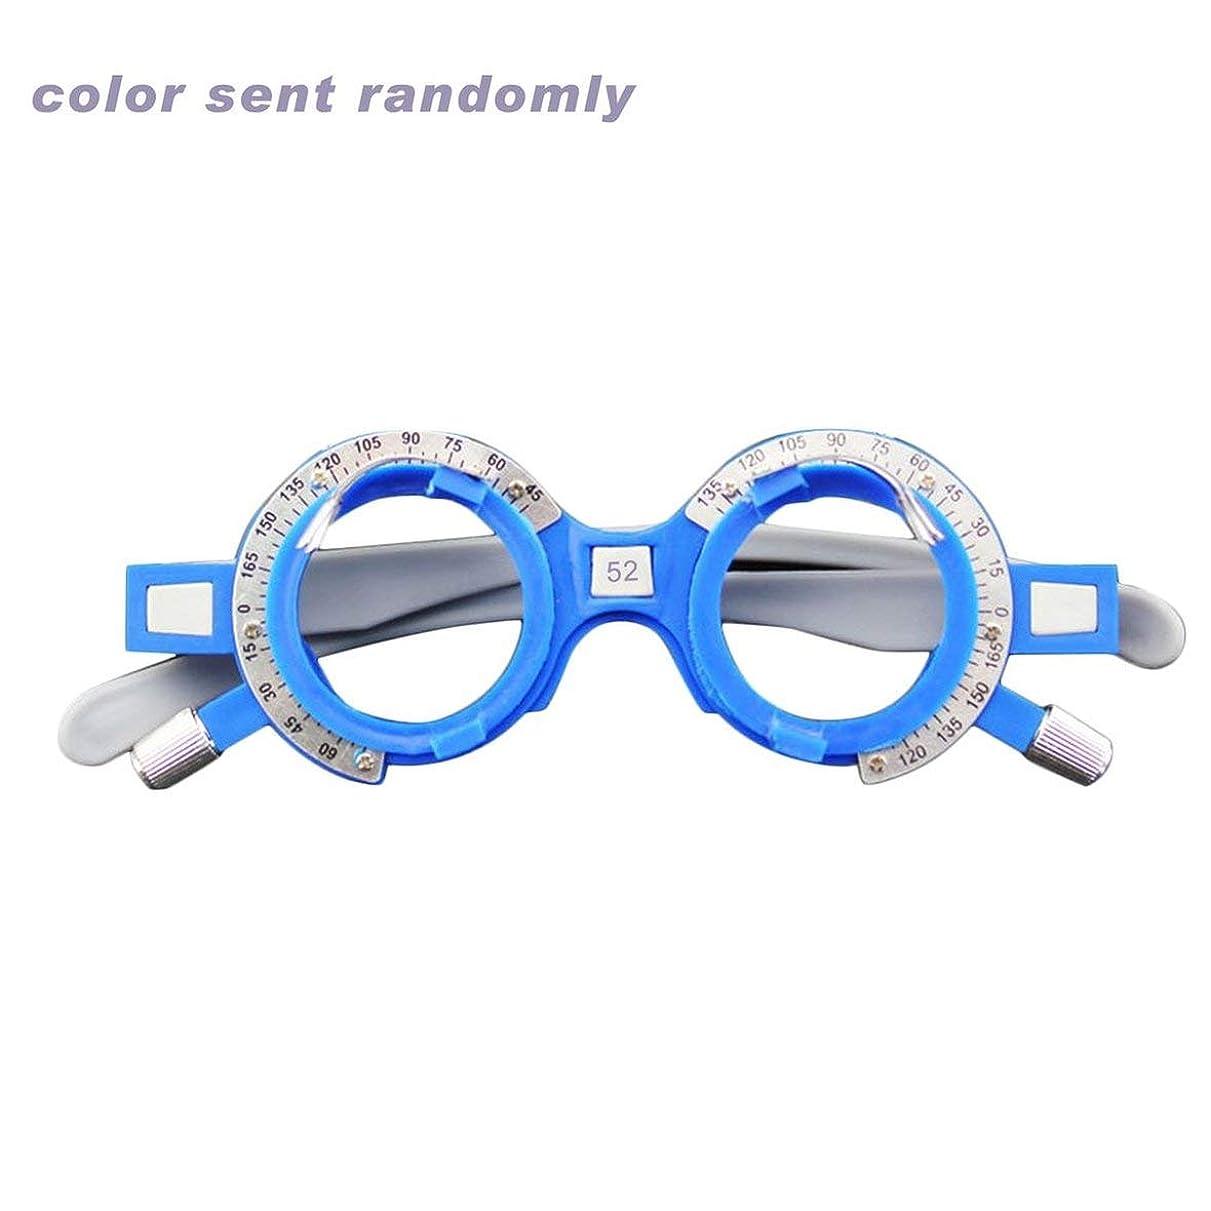 麺放置モッキンバードBlackfell 調節可能な光学トライアルレンズフレーム52-70mm PDアイ検眼眼鏡技師プラスチック眼鏡フレーム眼鏡アクセサリー